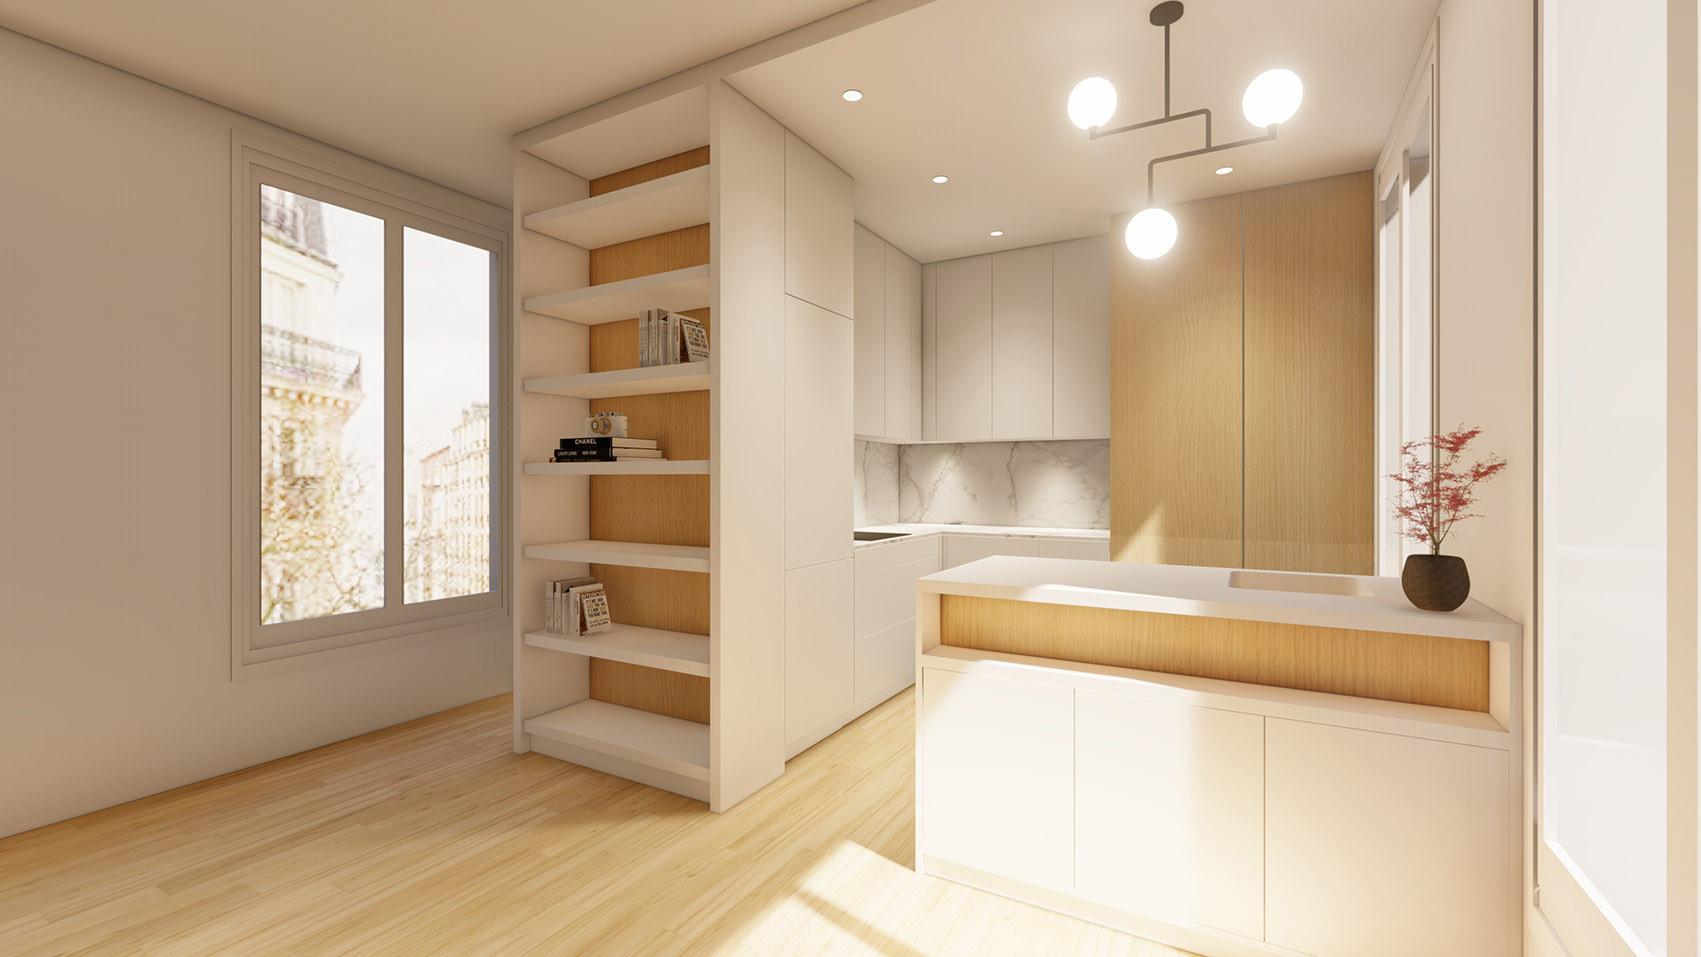 Cuisine design architecte un archi dans